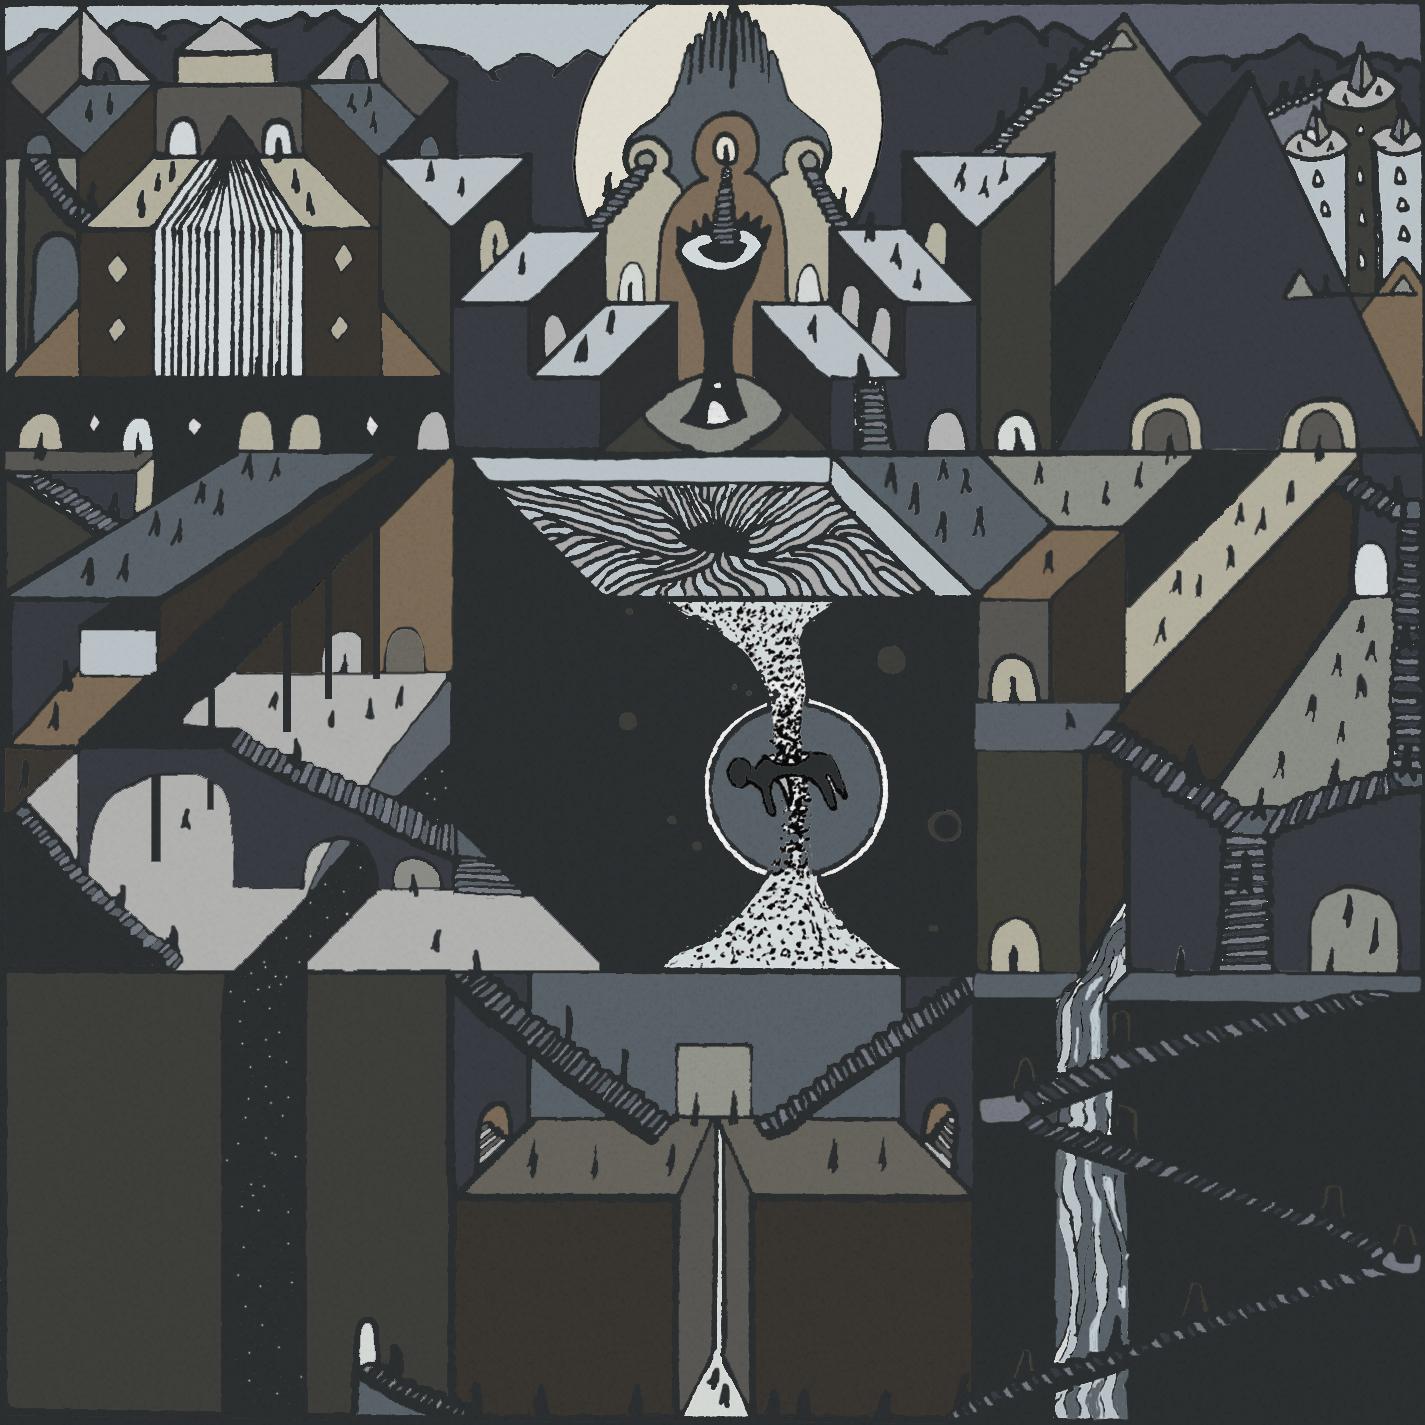 spacecubsalbumcover_final_jpeg.jpg